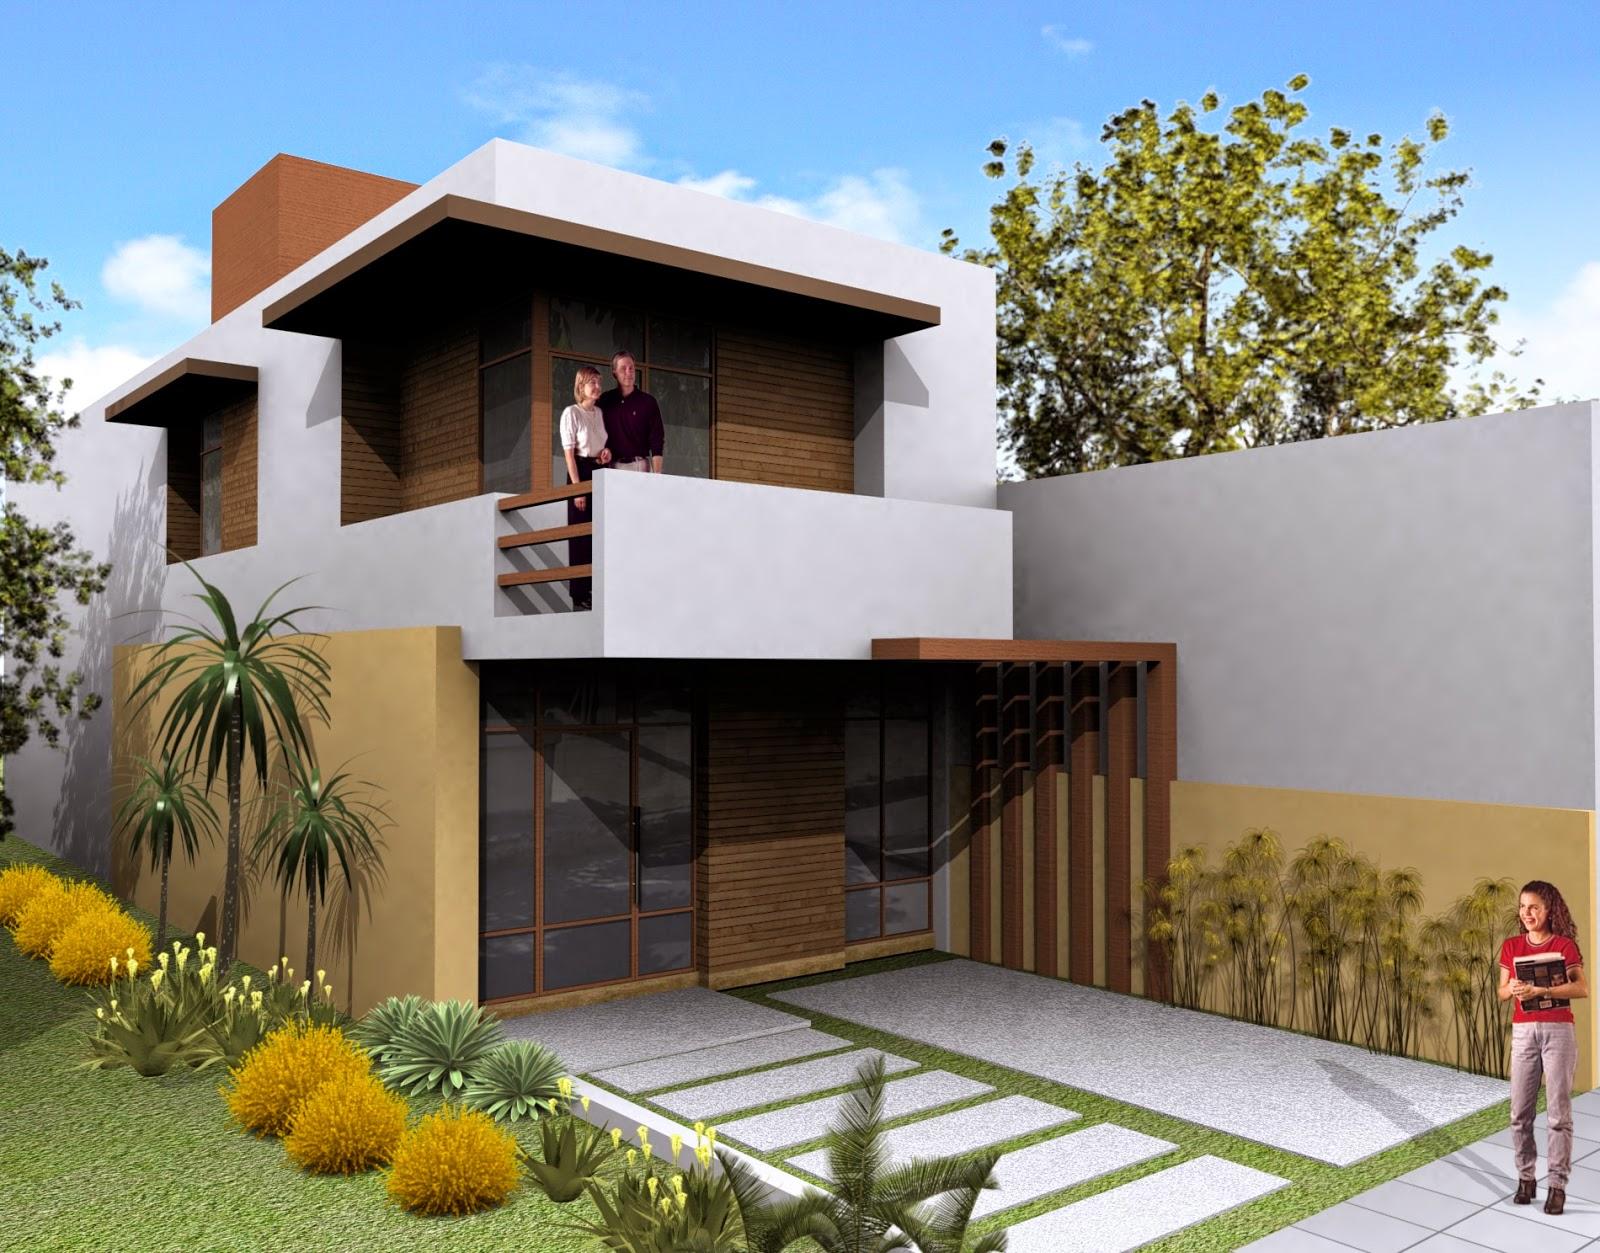 Plantas de casas terreno 5x25 for Planos de casas 5x25